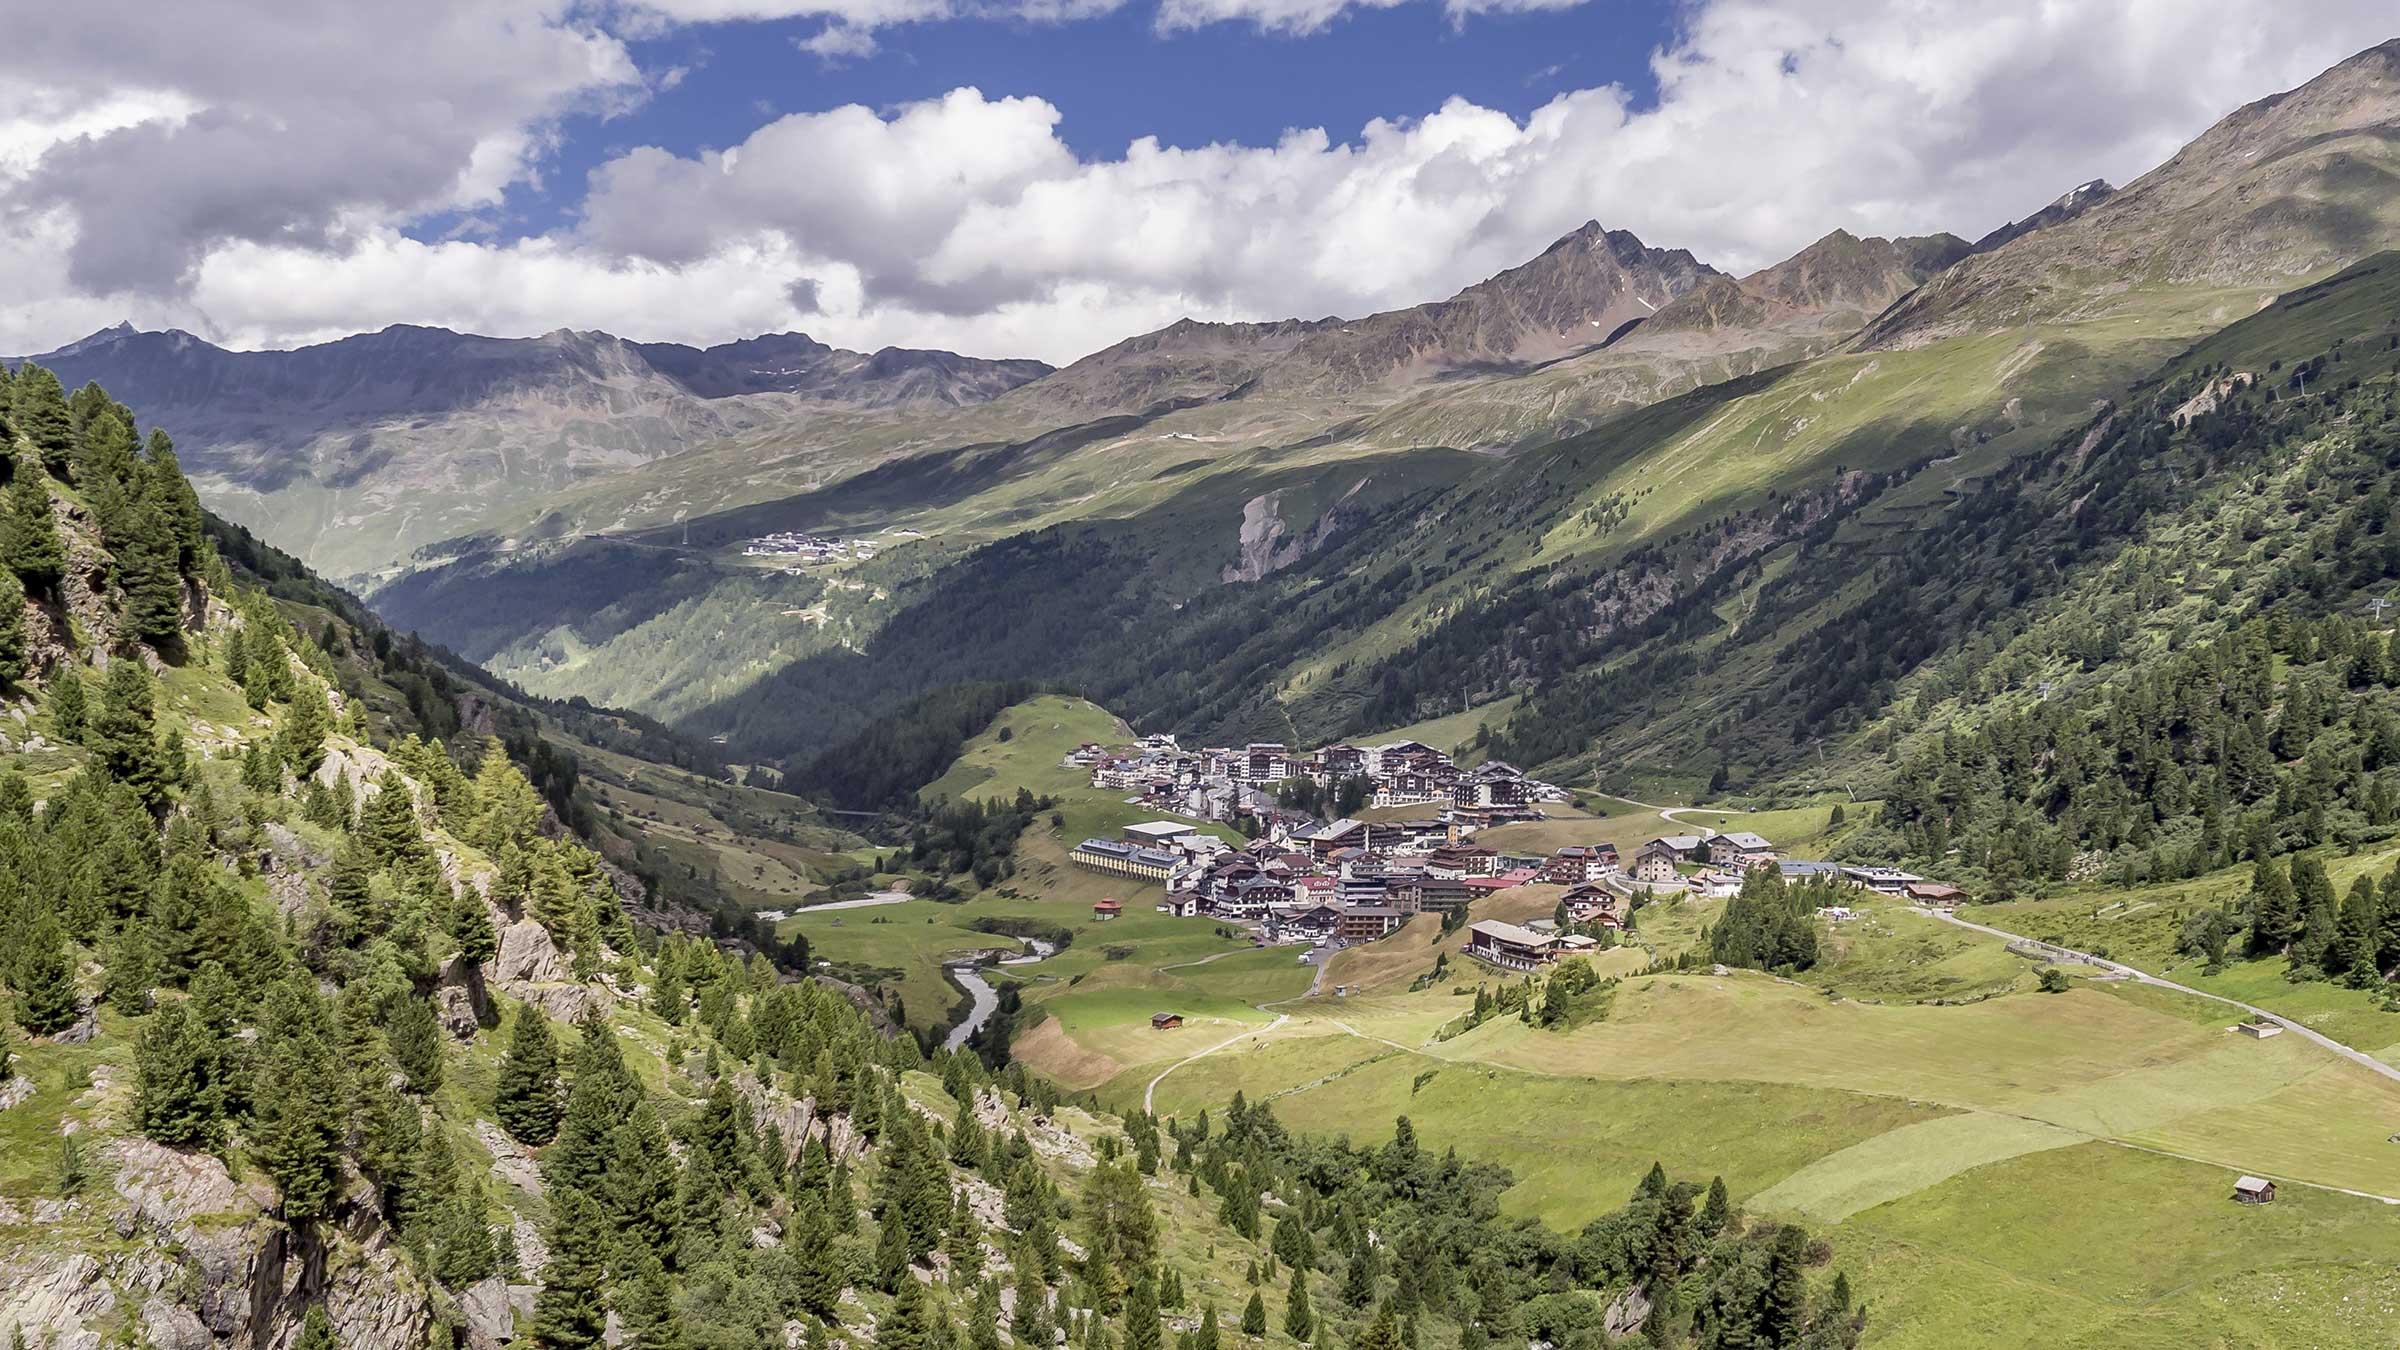 5 Erlebnisse mit der Ötztal Premium Card in Obergurgl-Hochgurgl